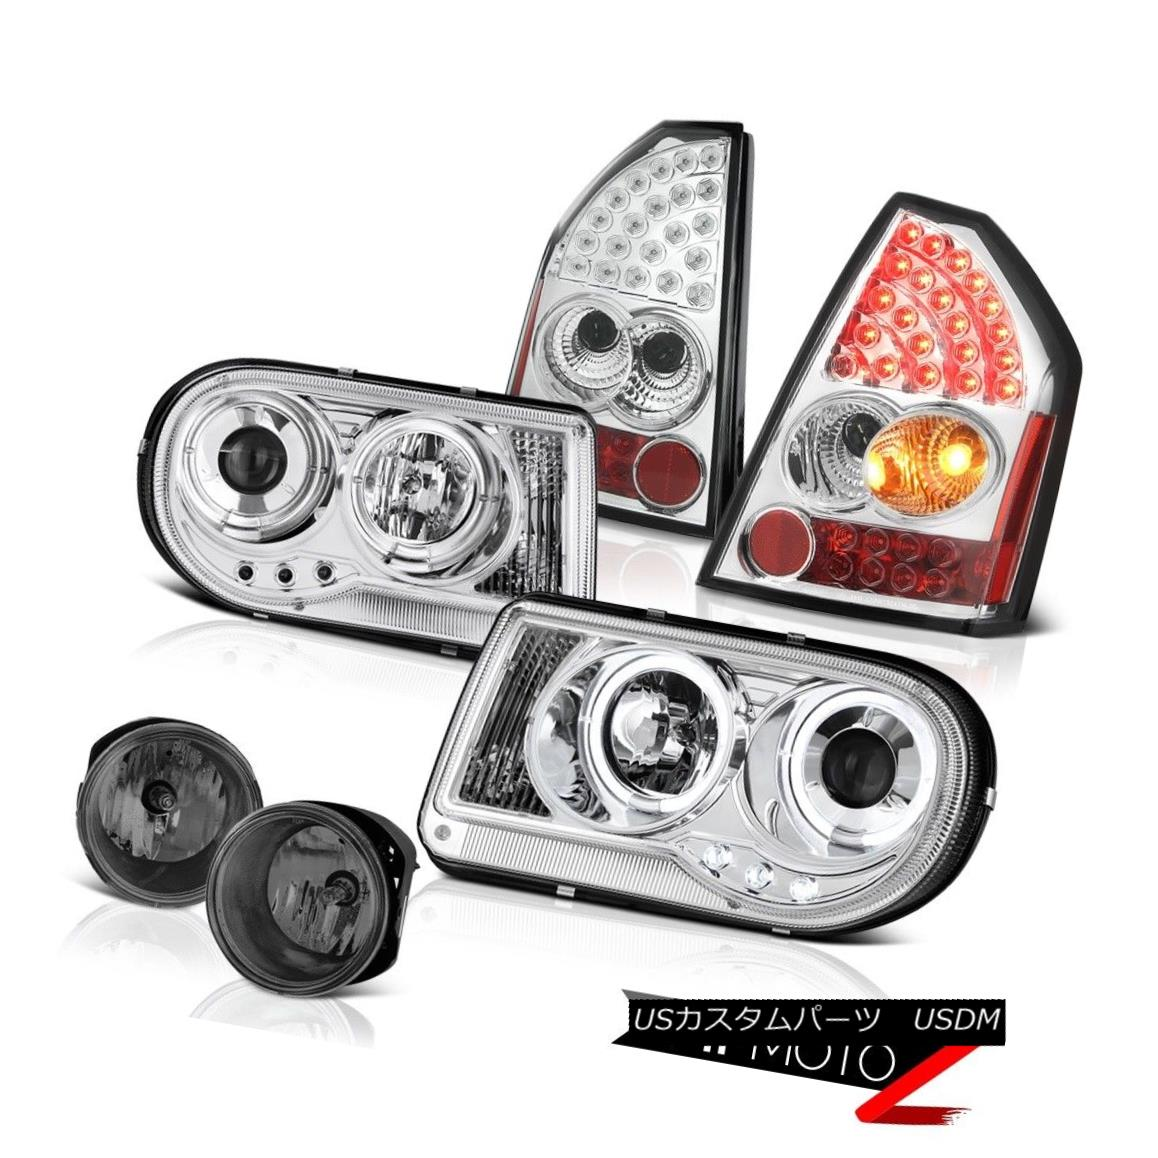 テールライト Halo LED Projector Headlights Tail Lights Bumper Fog 05-07 Chrysler 300C 6.1L Halo LEDプロジェクターヘッドライトテールライトバンパーフォグ05-07 Chrysler 300C 6.1L